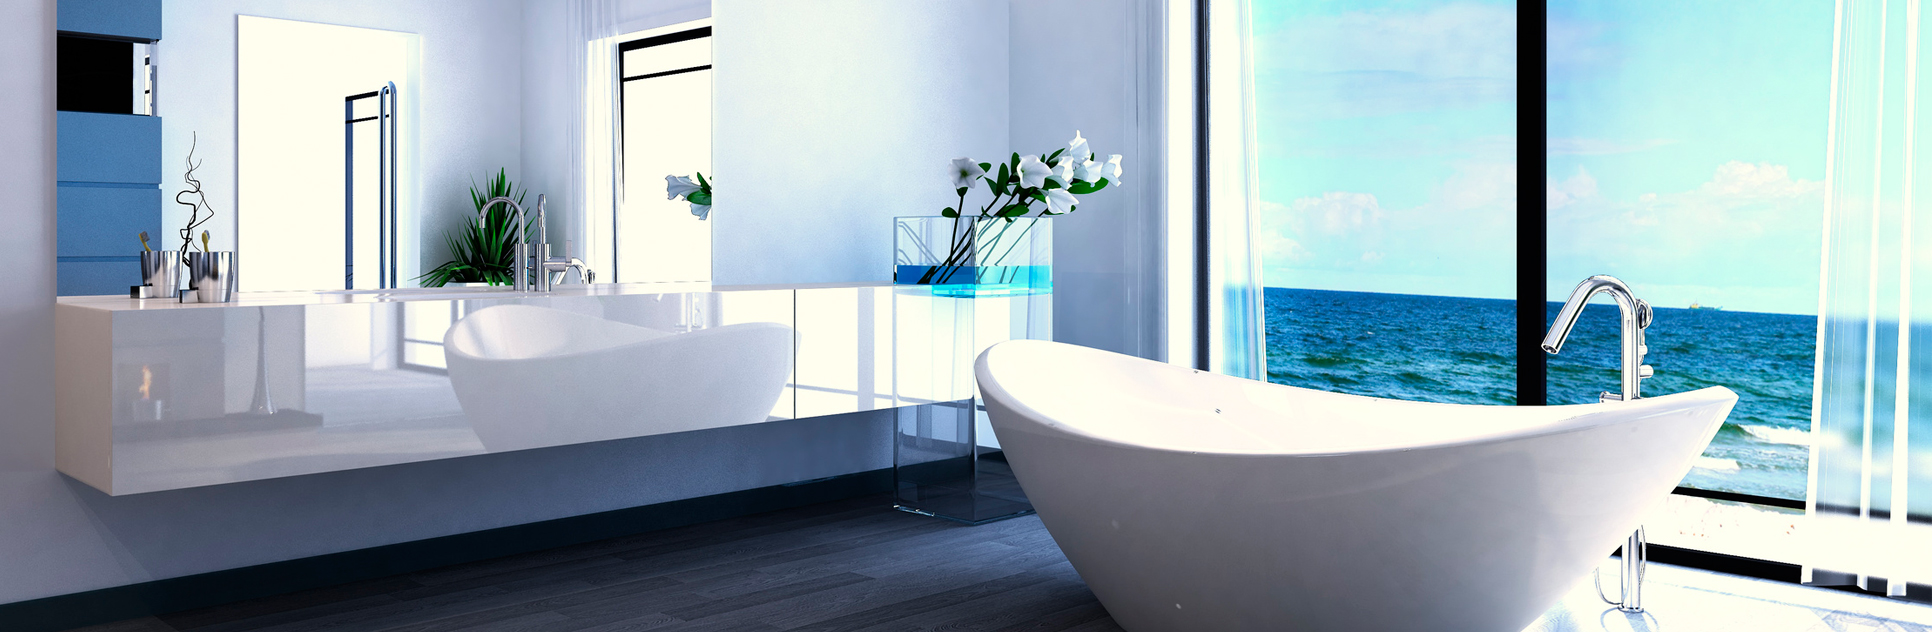 Rénovation salle de bain entreprise de travaux